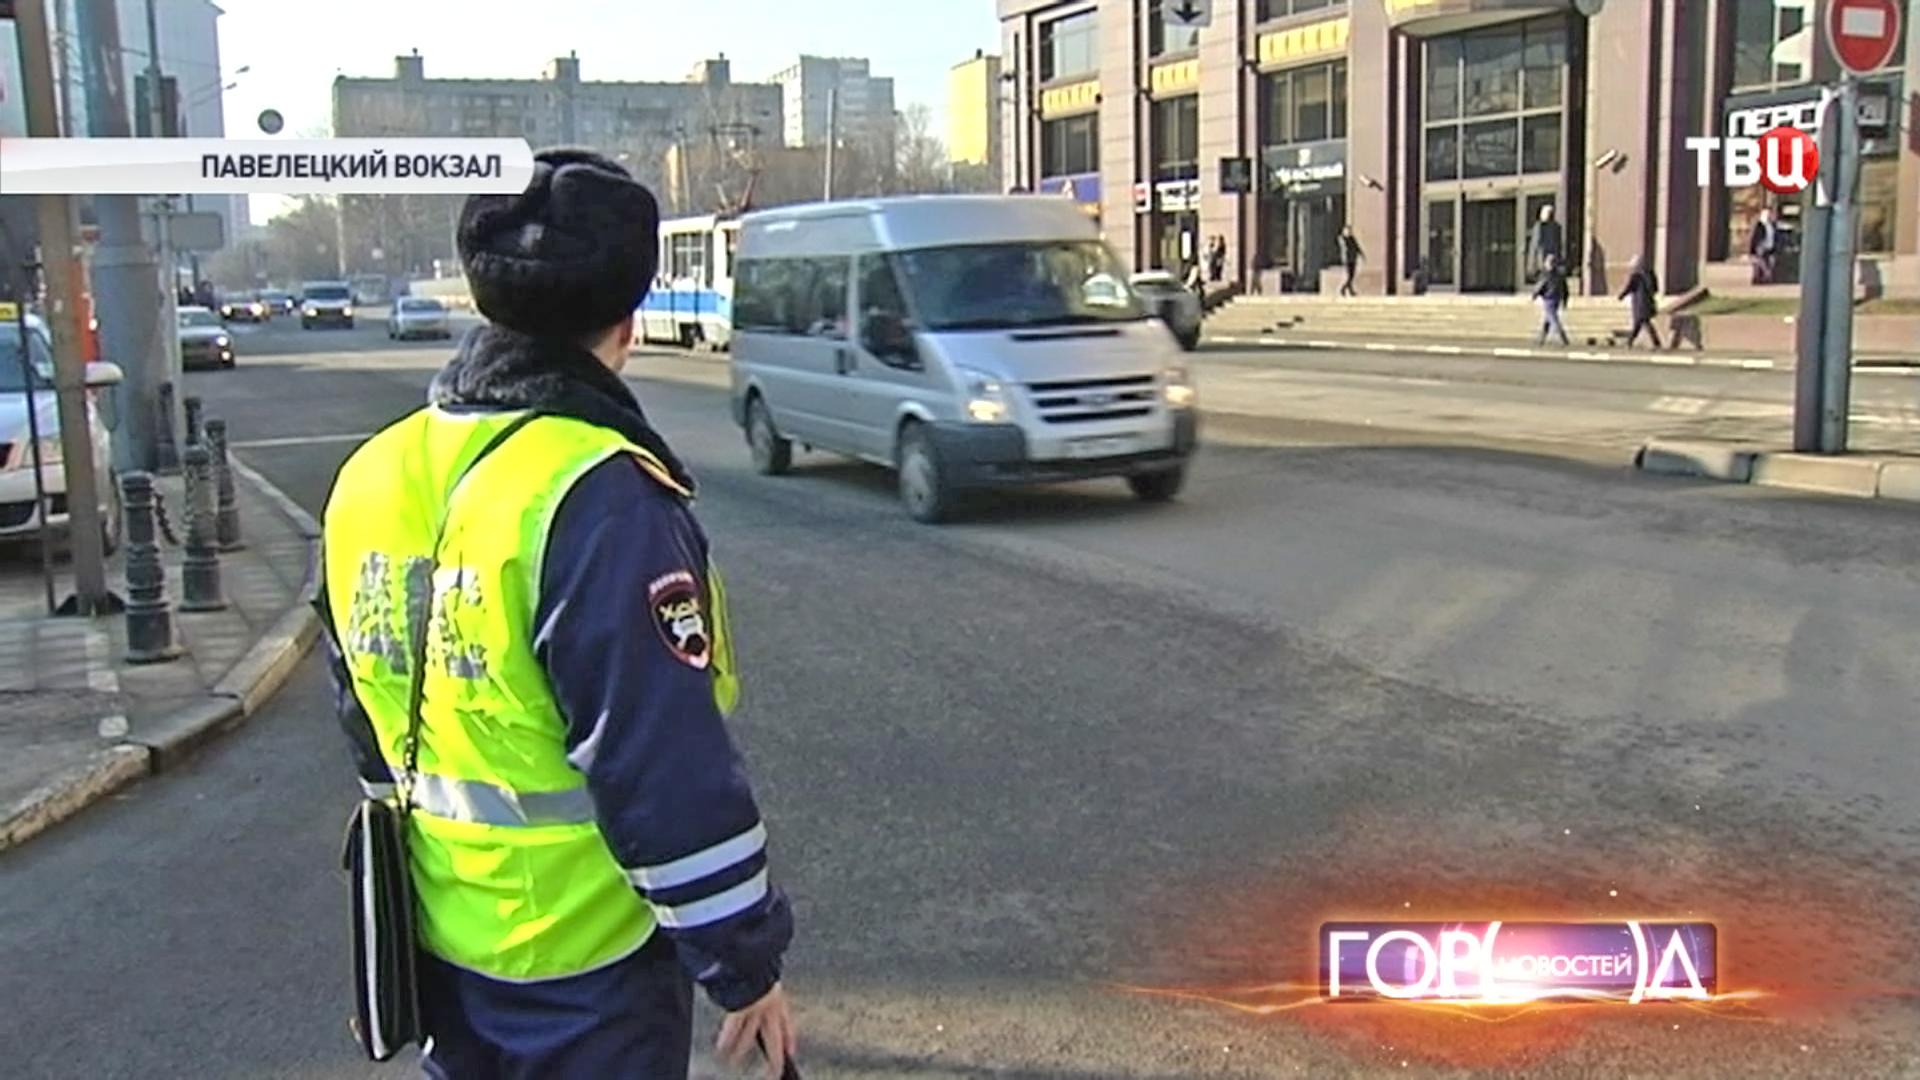 Проверка водителей общественного транспорта в Москве